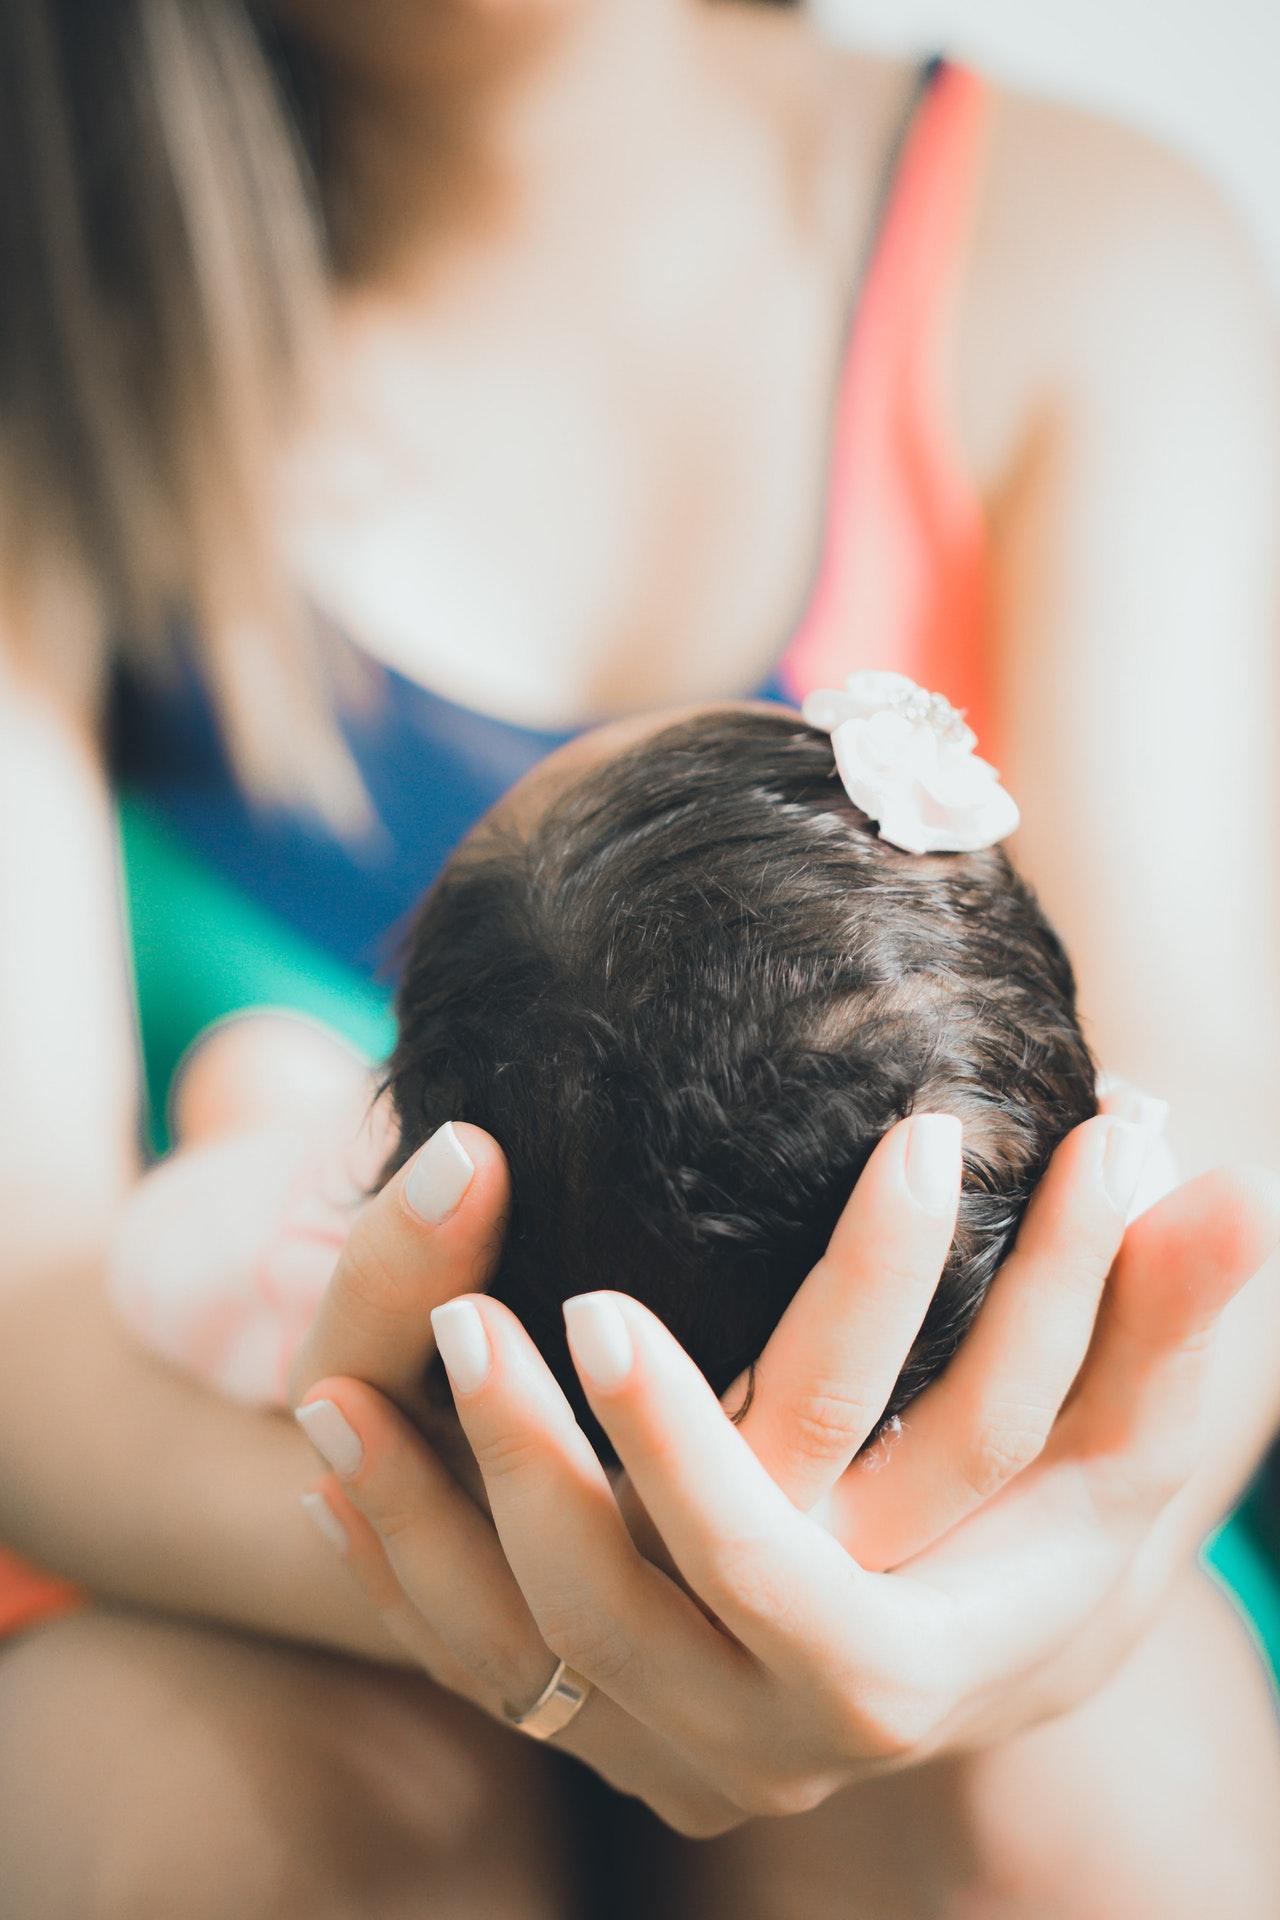 baby-blur-child-1576047.jpg